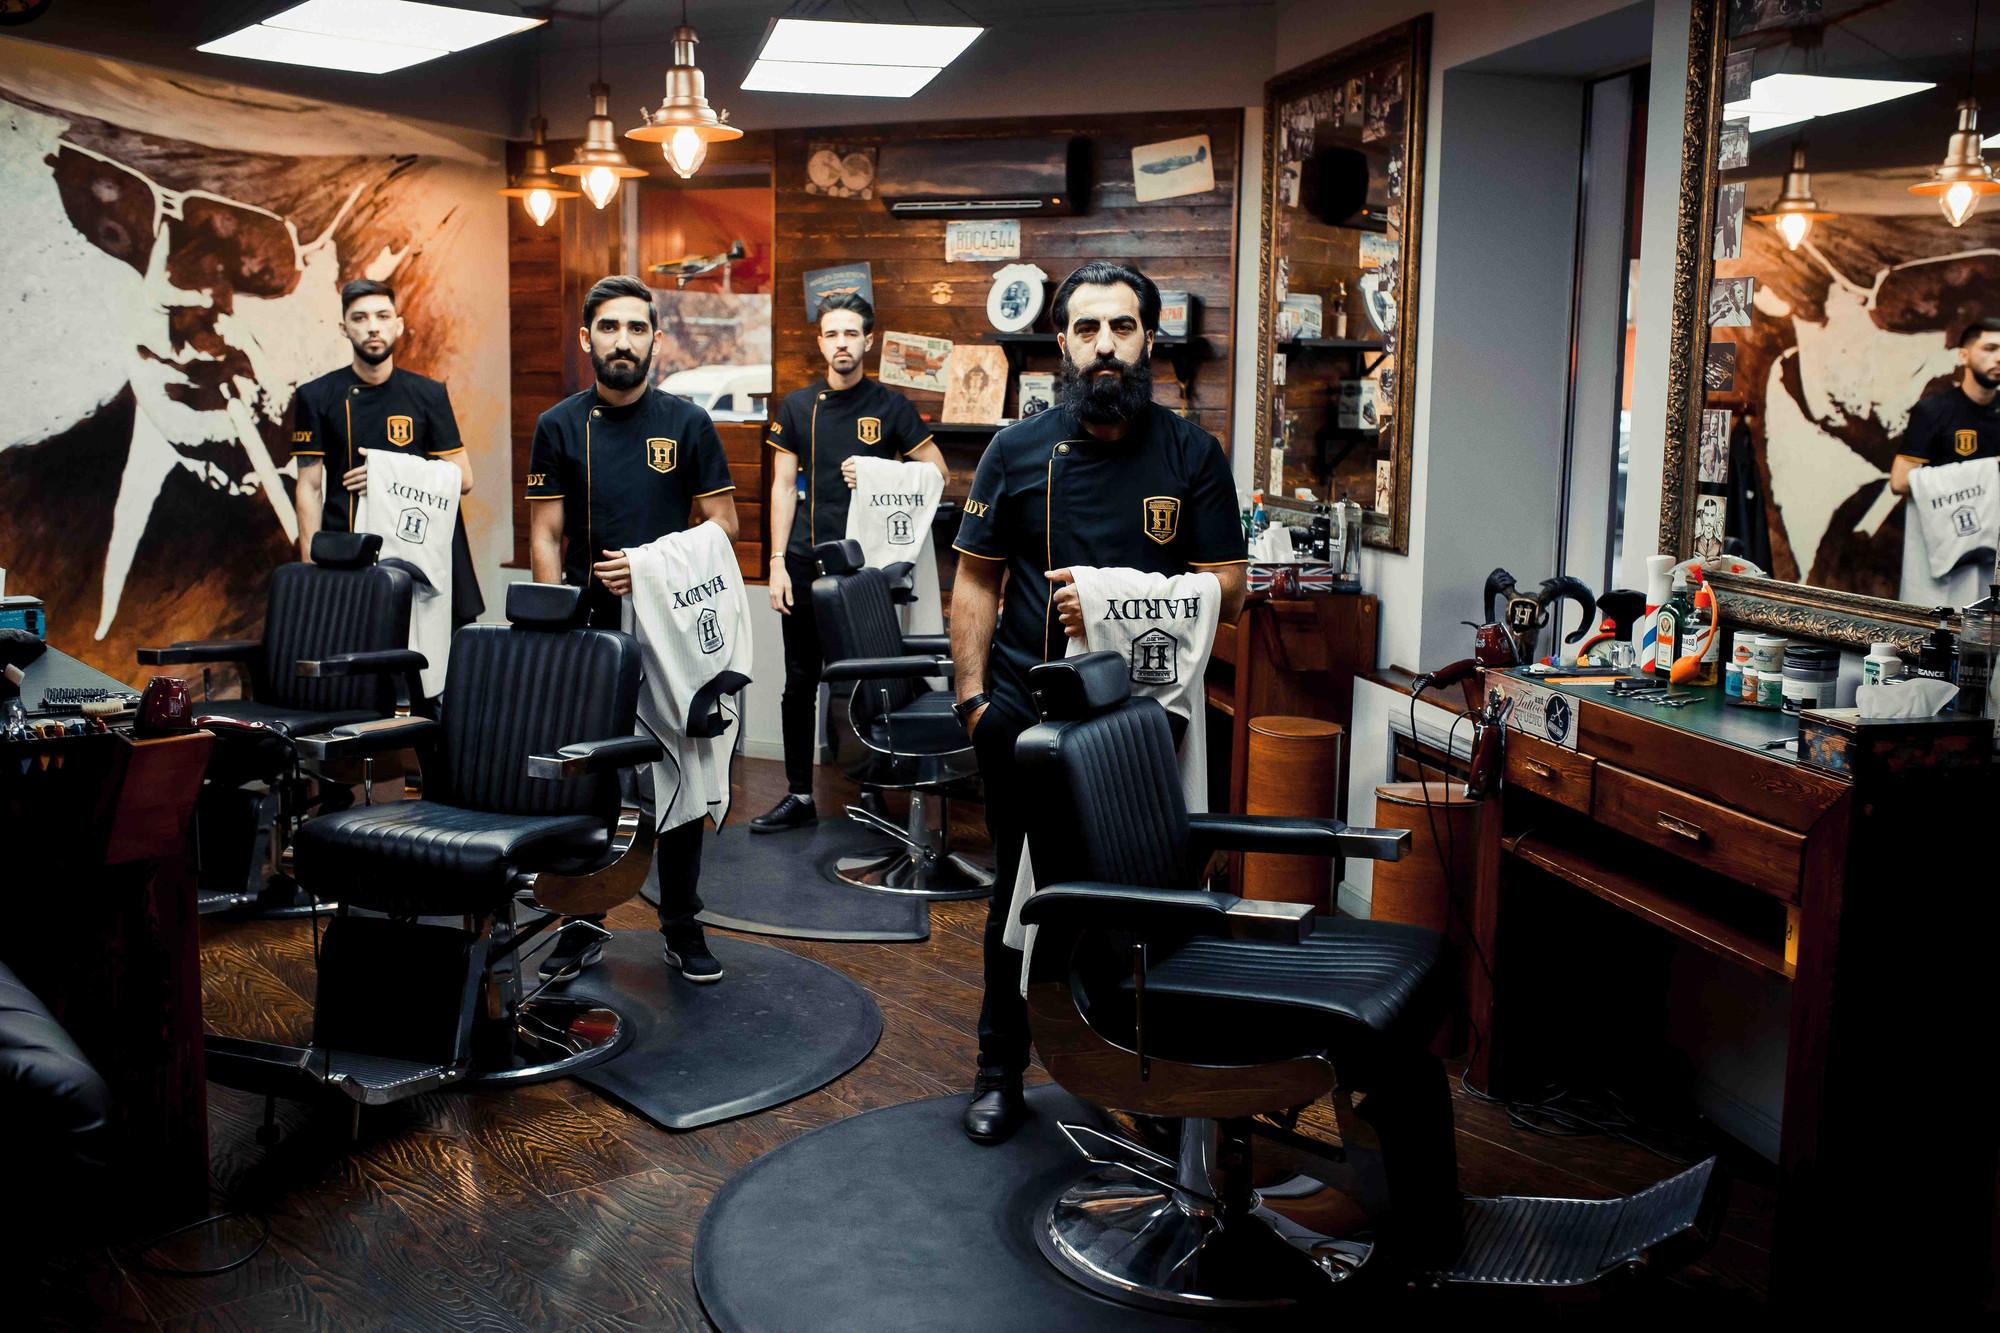 Мастер по стрижке бороды, как называется?